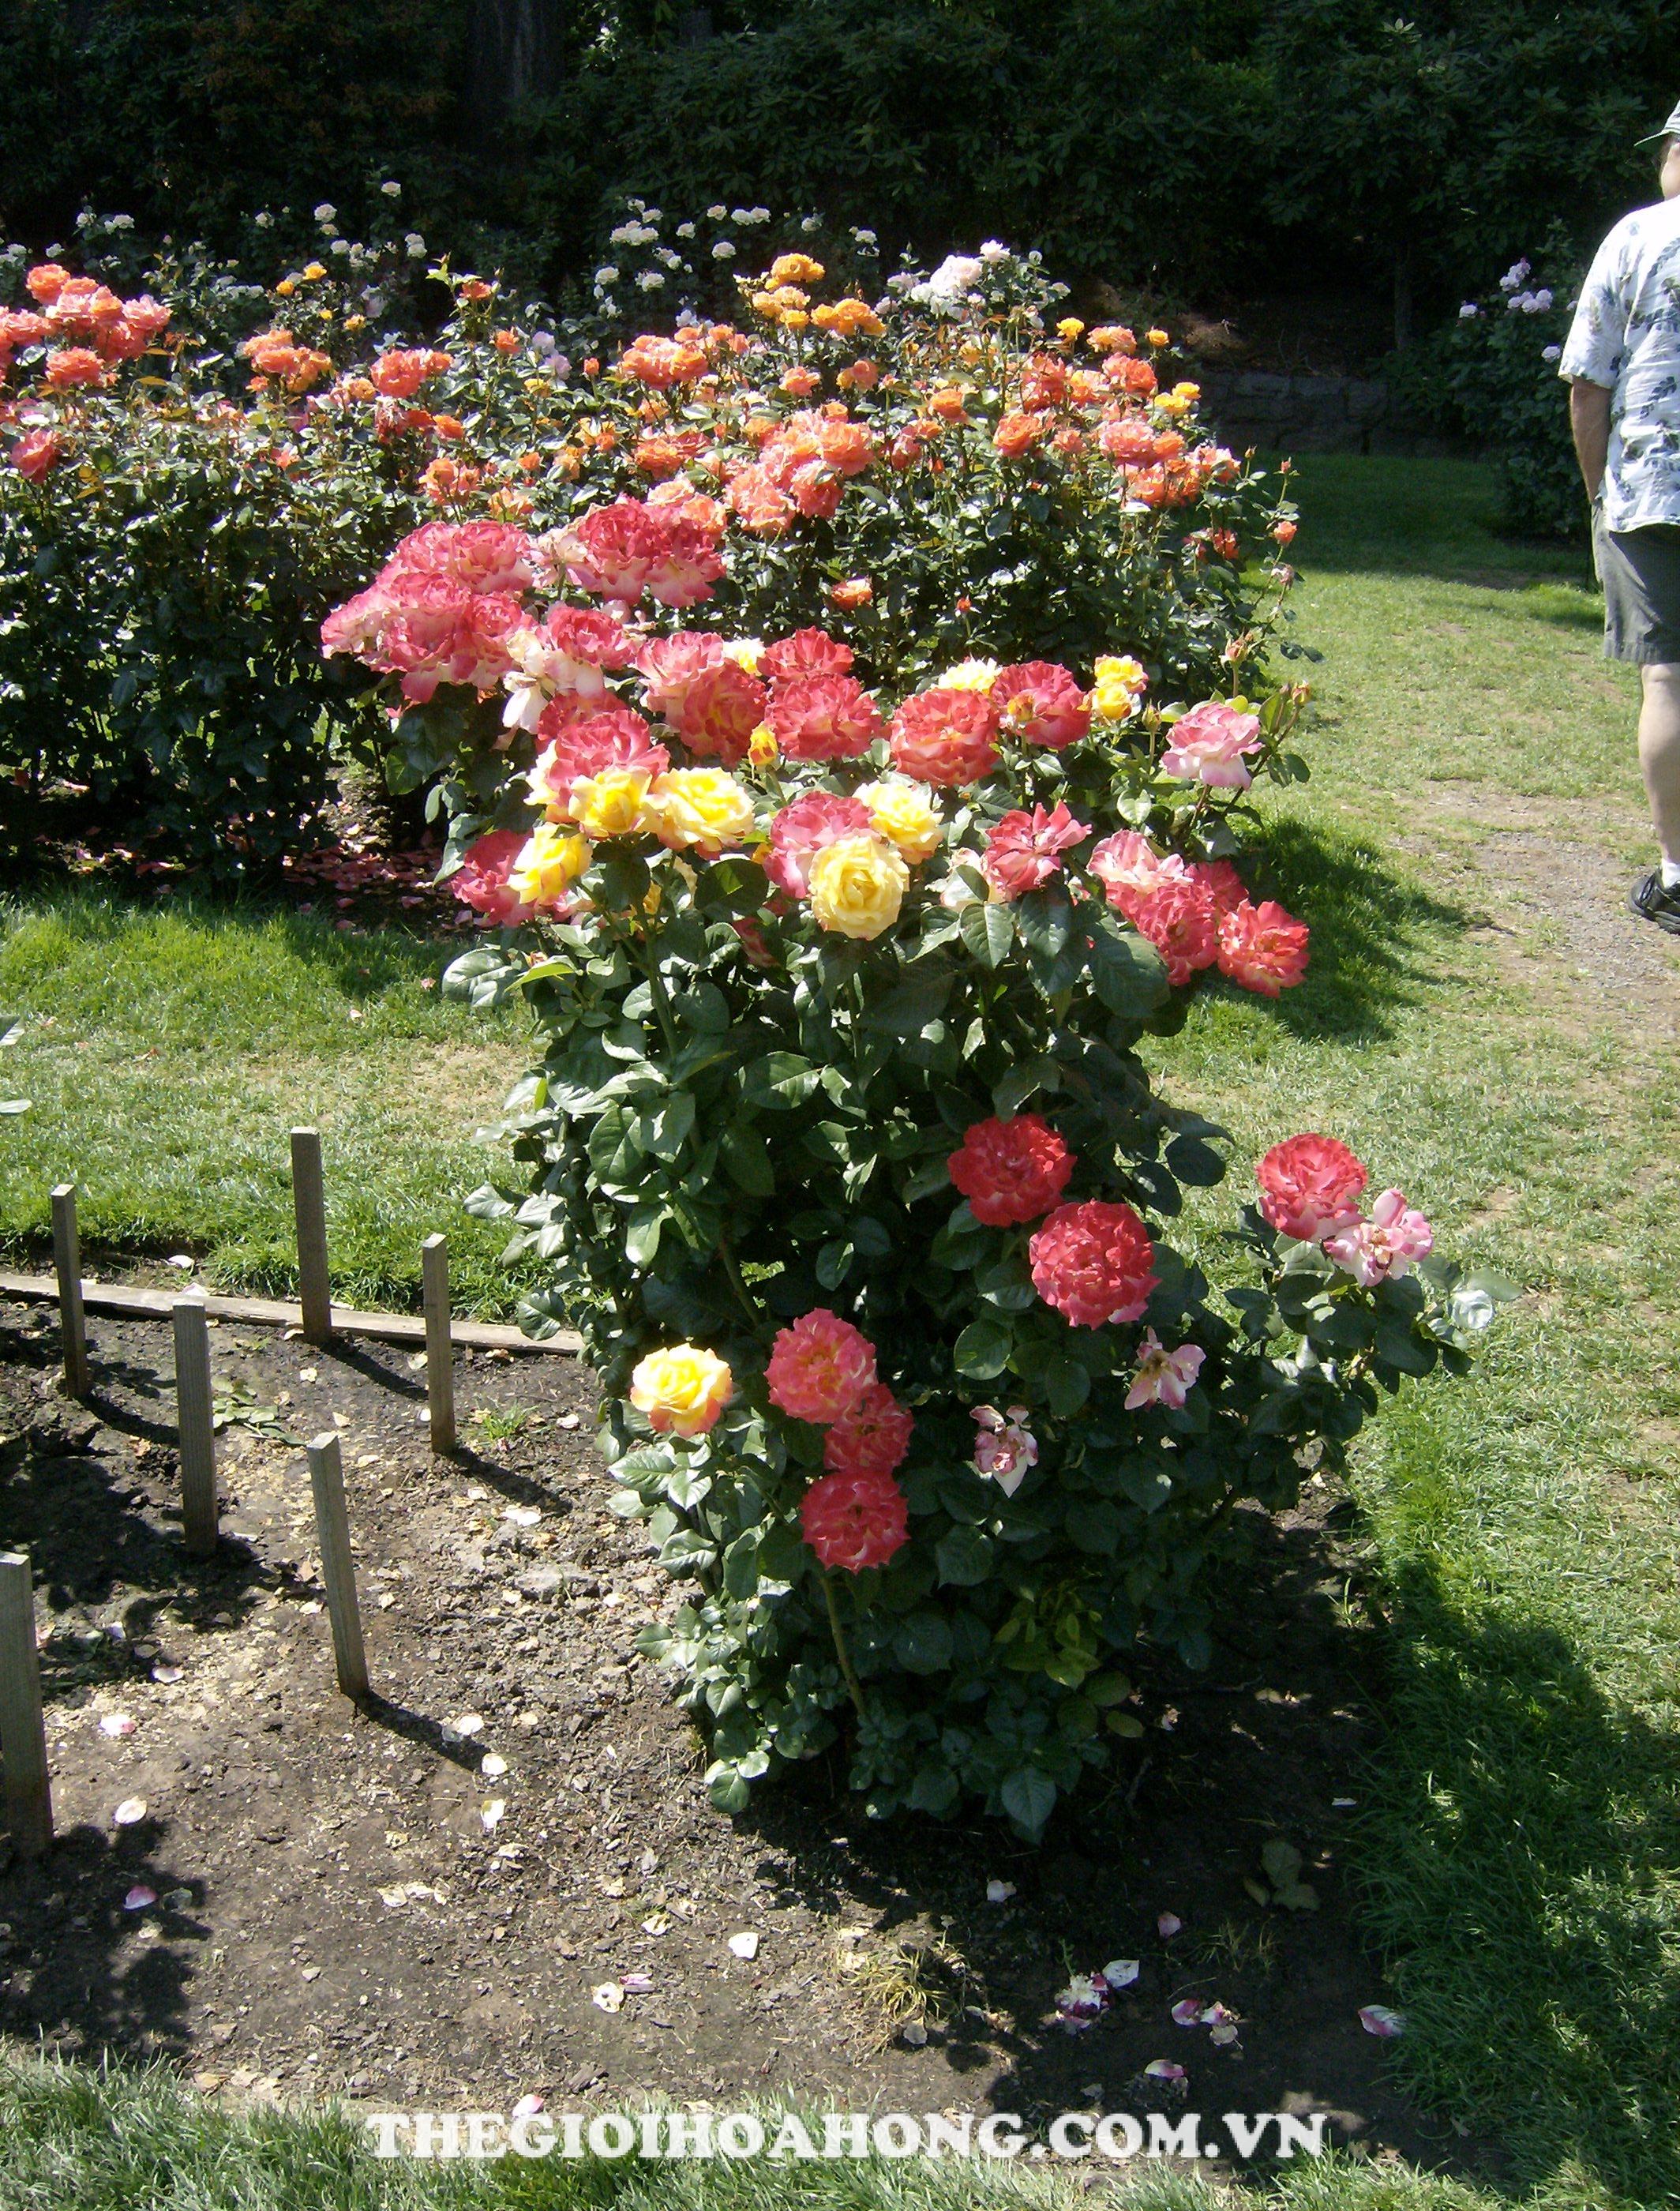 Cách chăm sóc hoa hồng cho ra nhiều hoa mà ai cũng muốn biết (1)